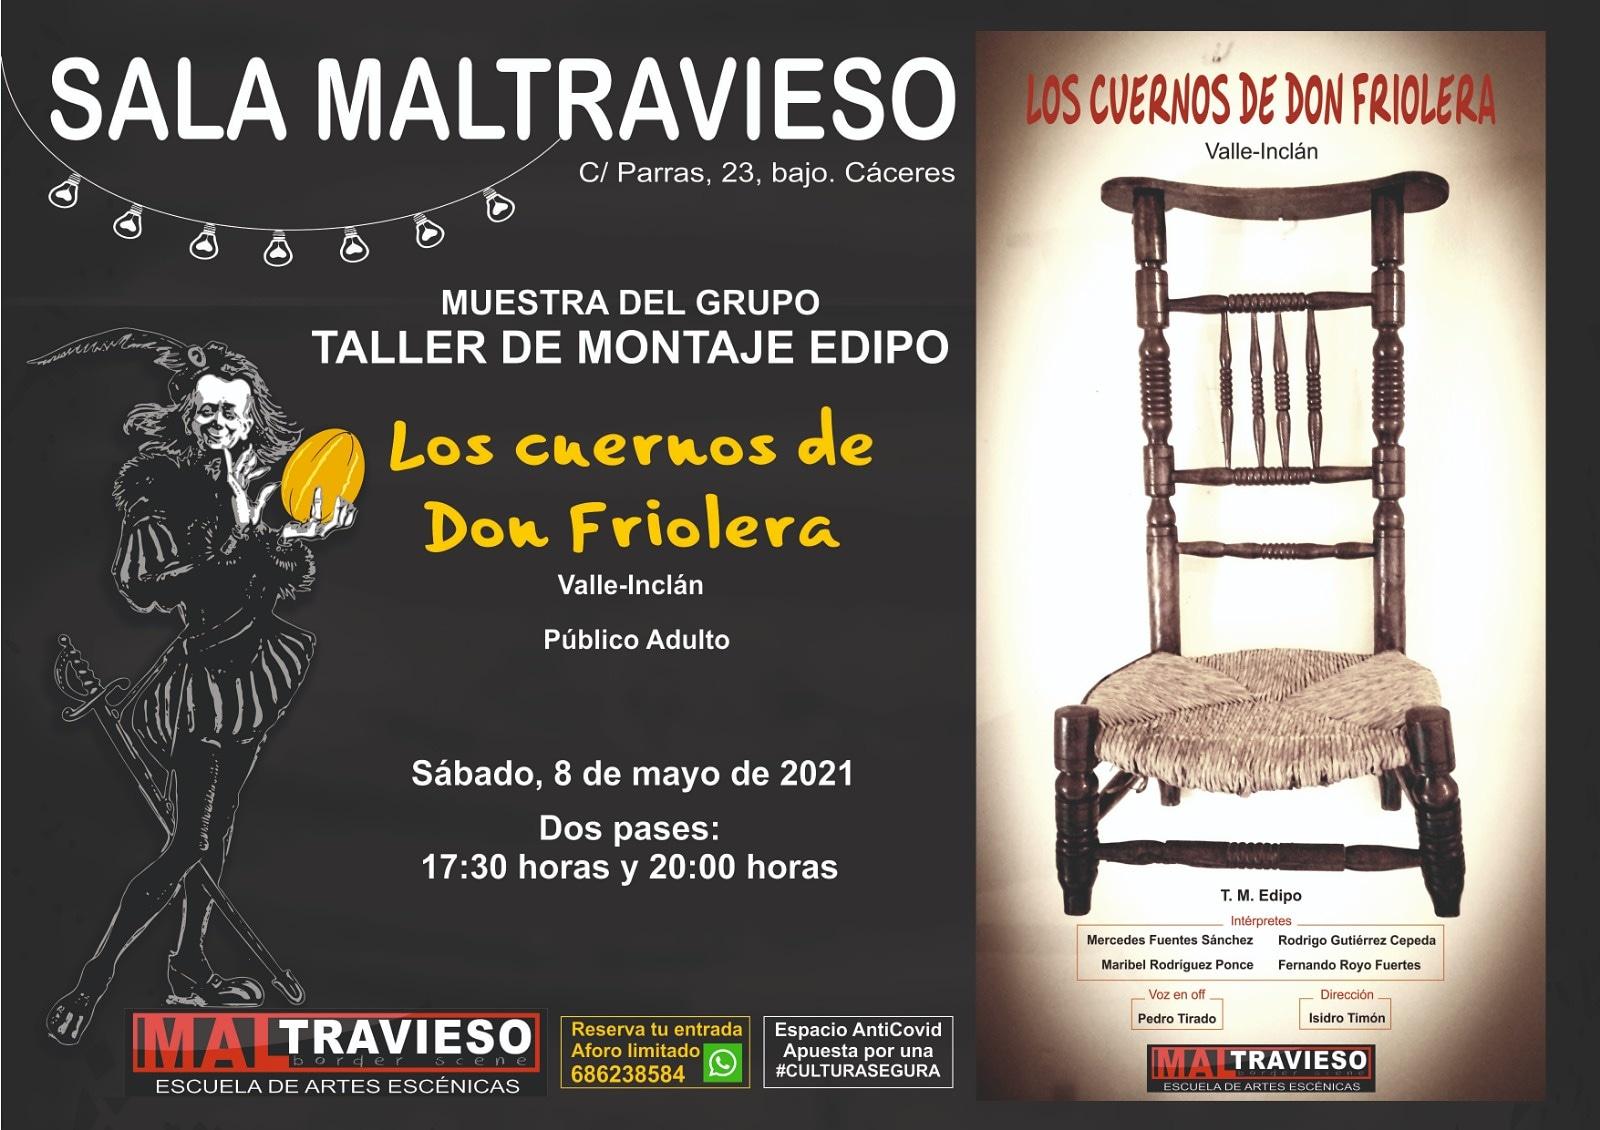 'Los Cuernos de Don Friolera' grupo EDIPO de Maltravieso Teatro